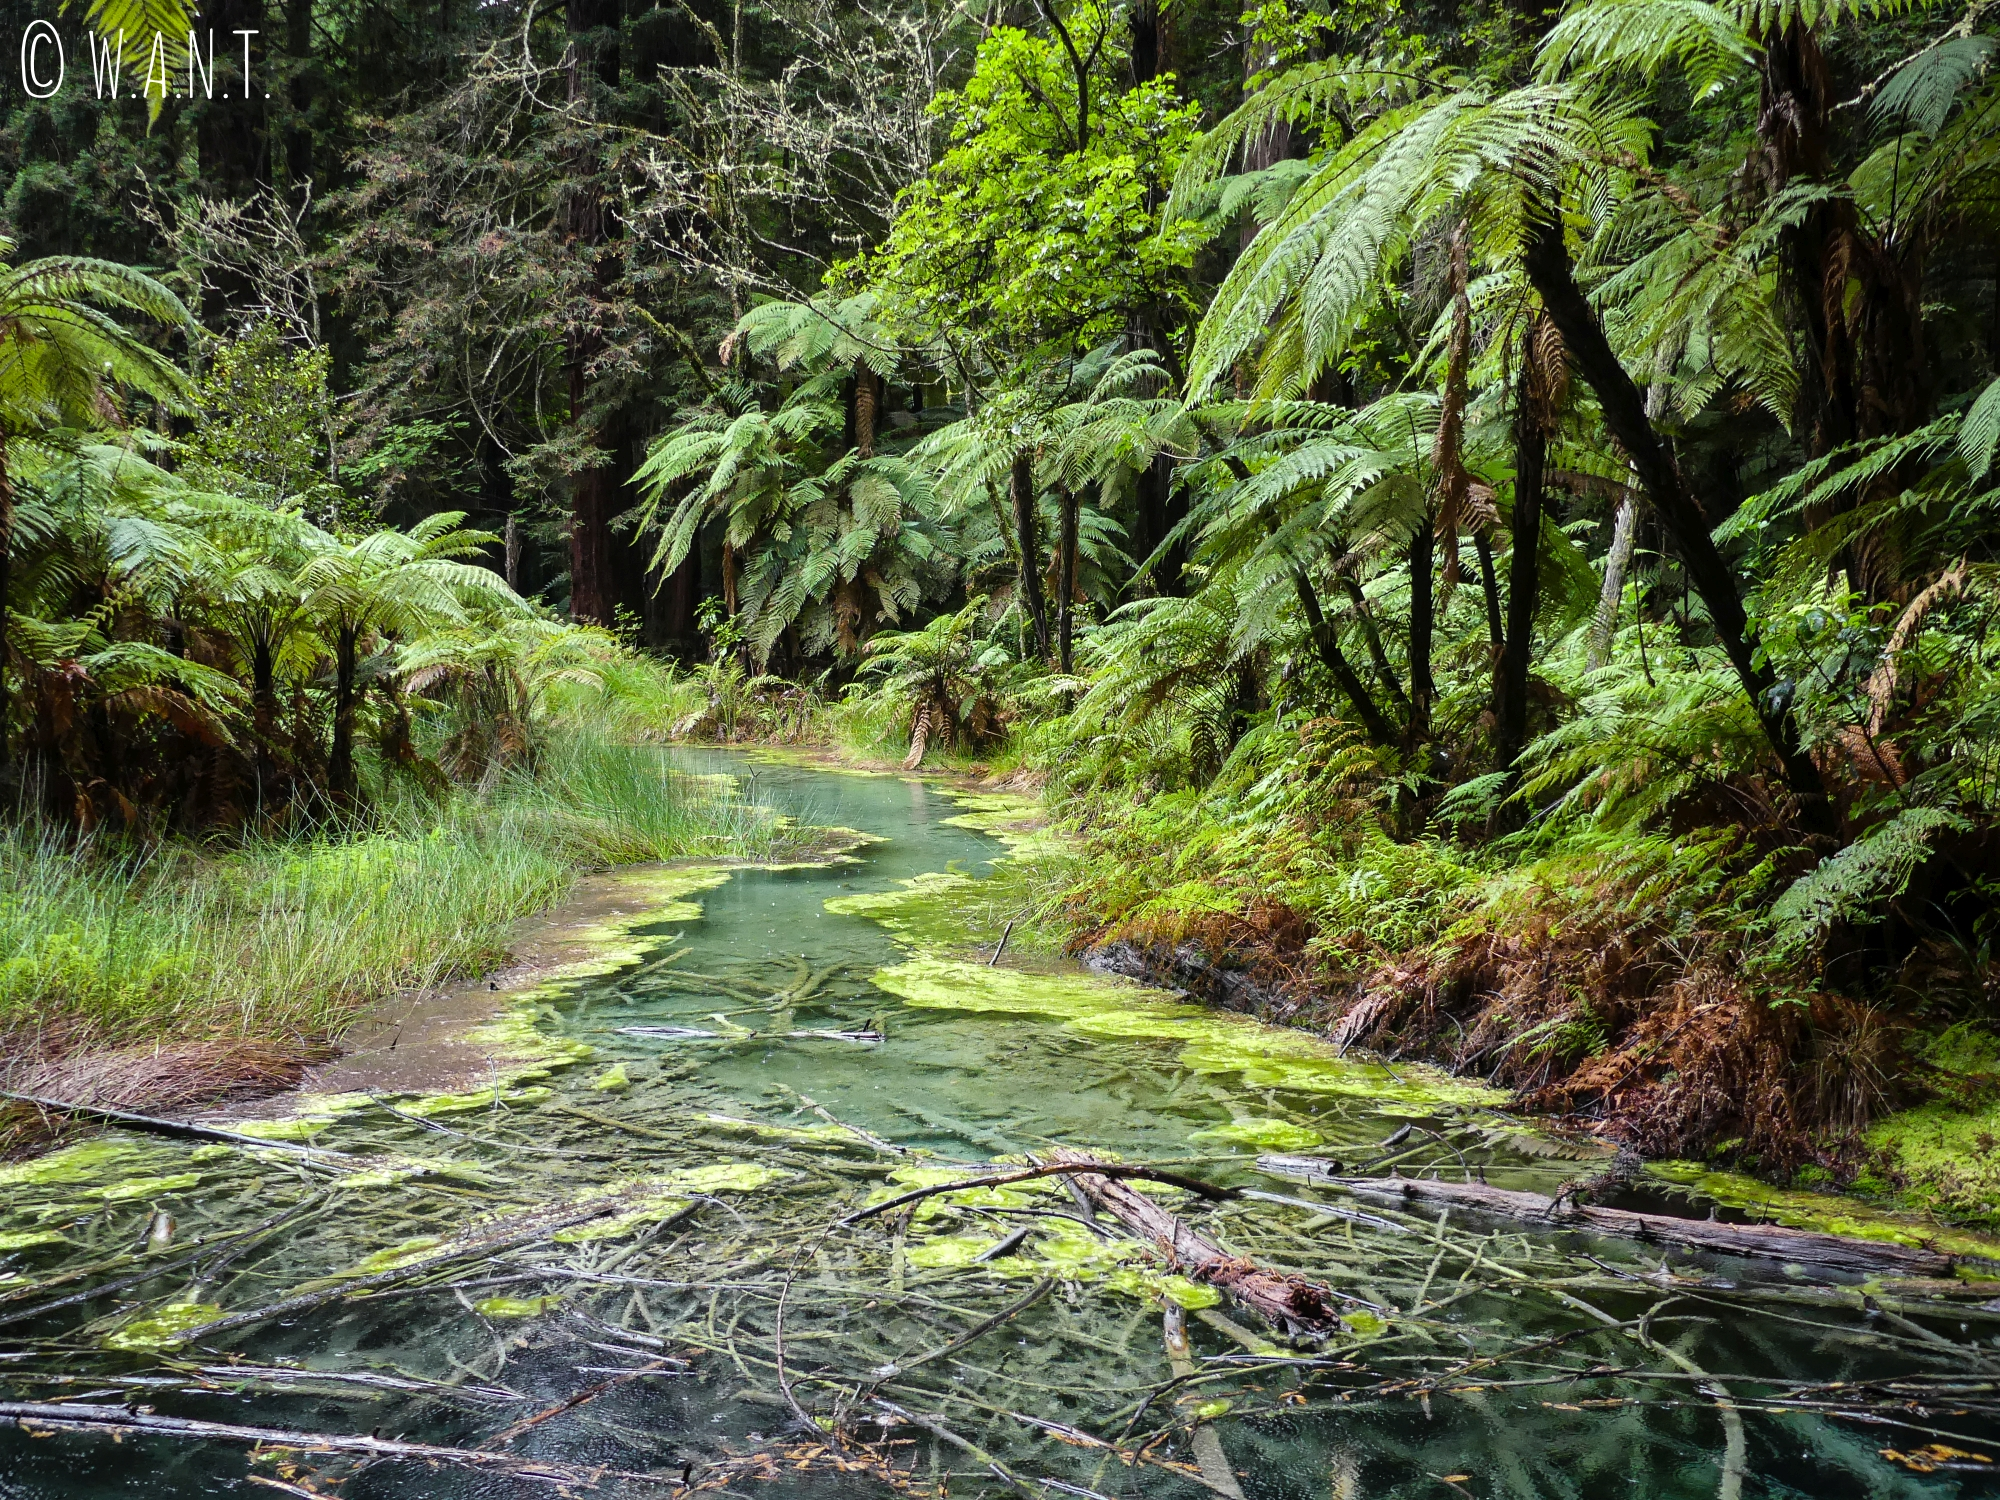 Paysage lors de notre randonnée dans la Redwoods Forest, près de Rotorua en Nouvelle-Zélande